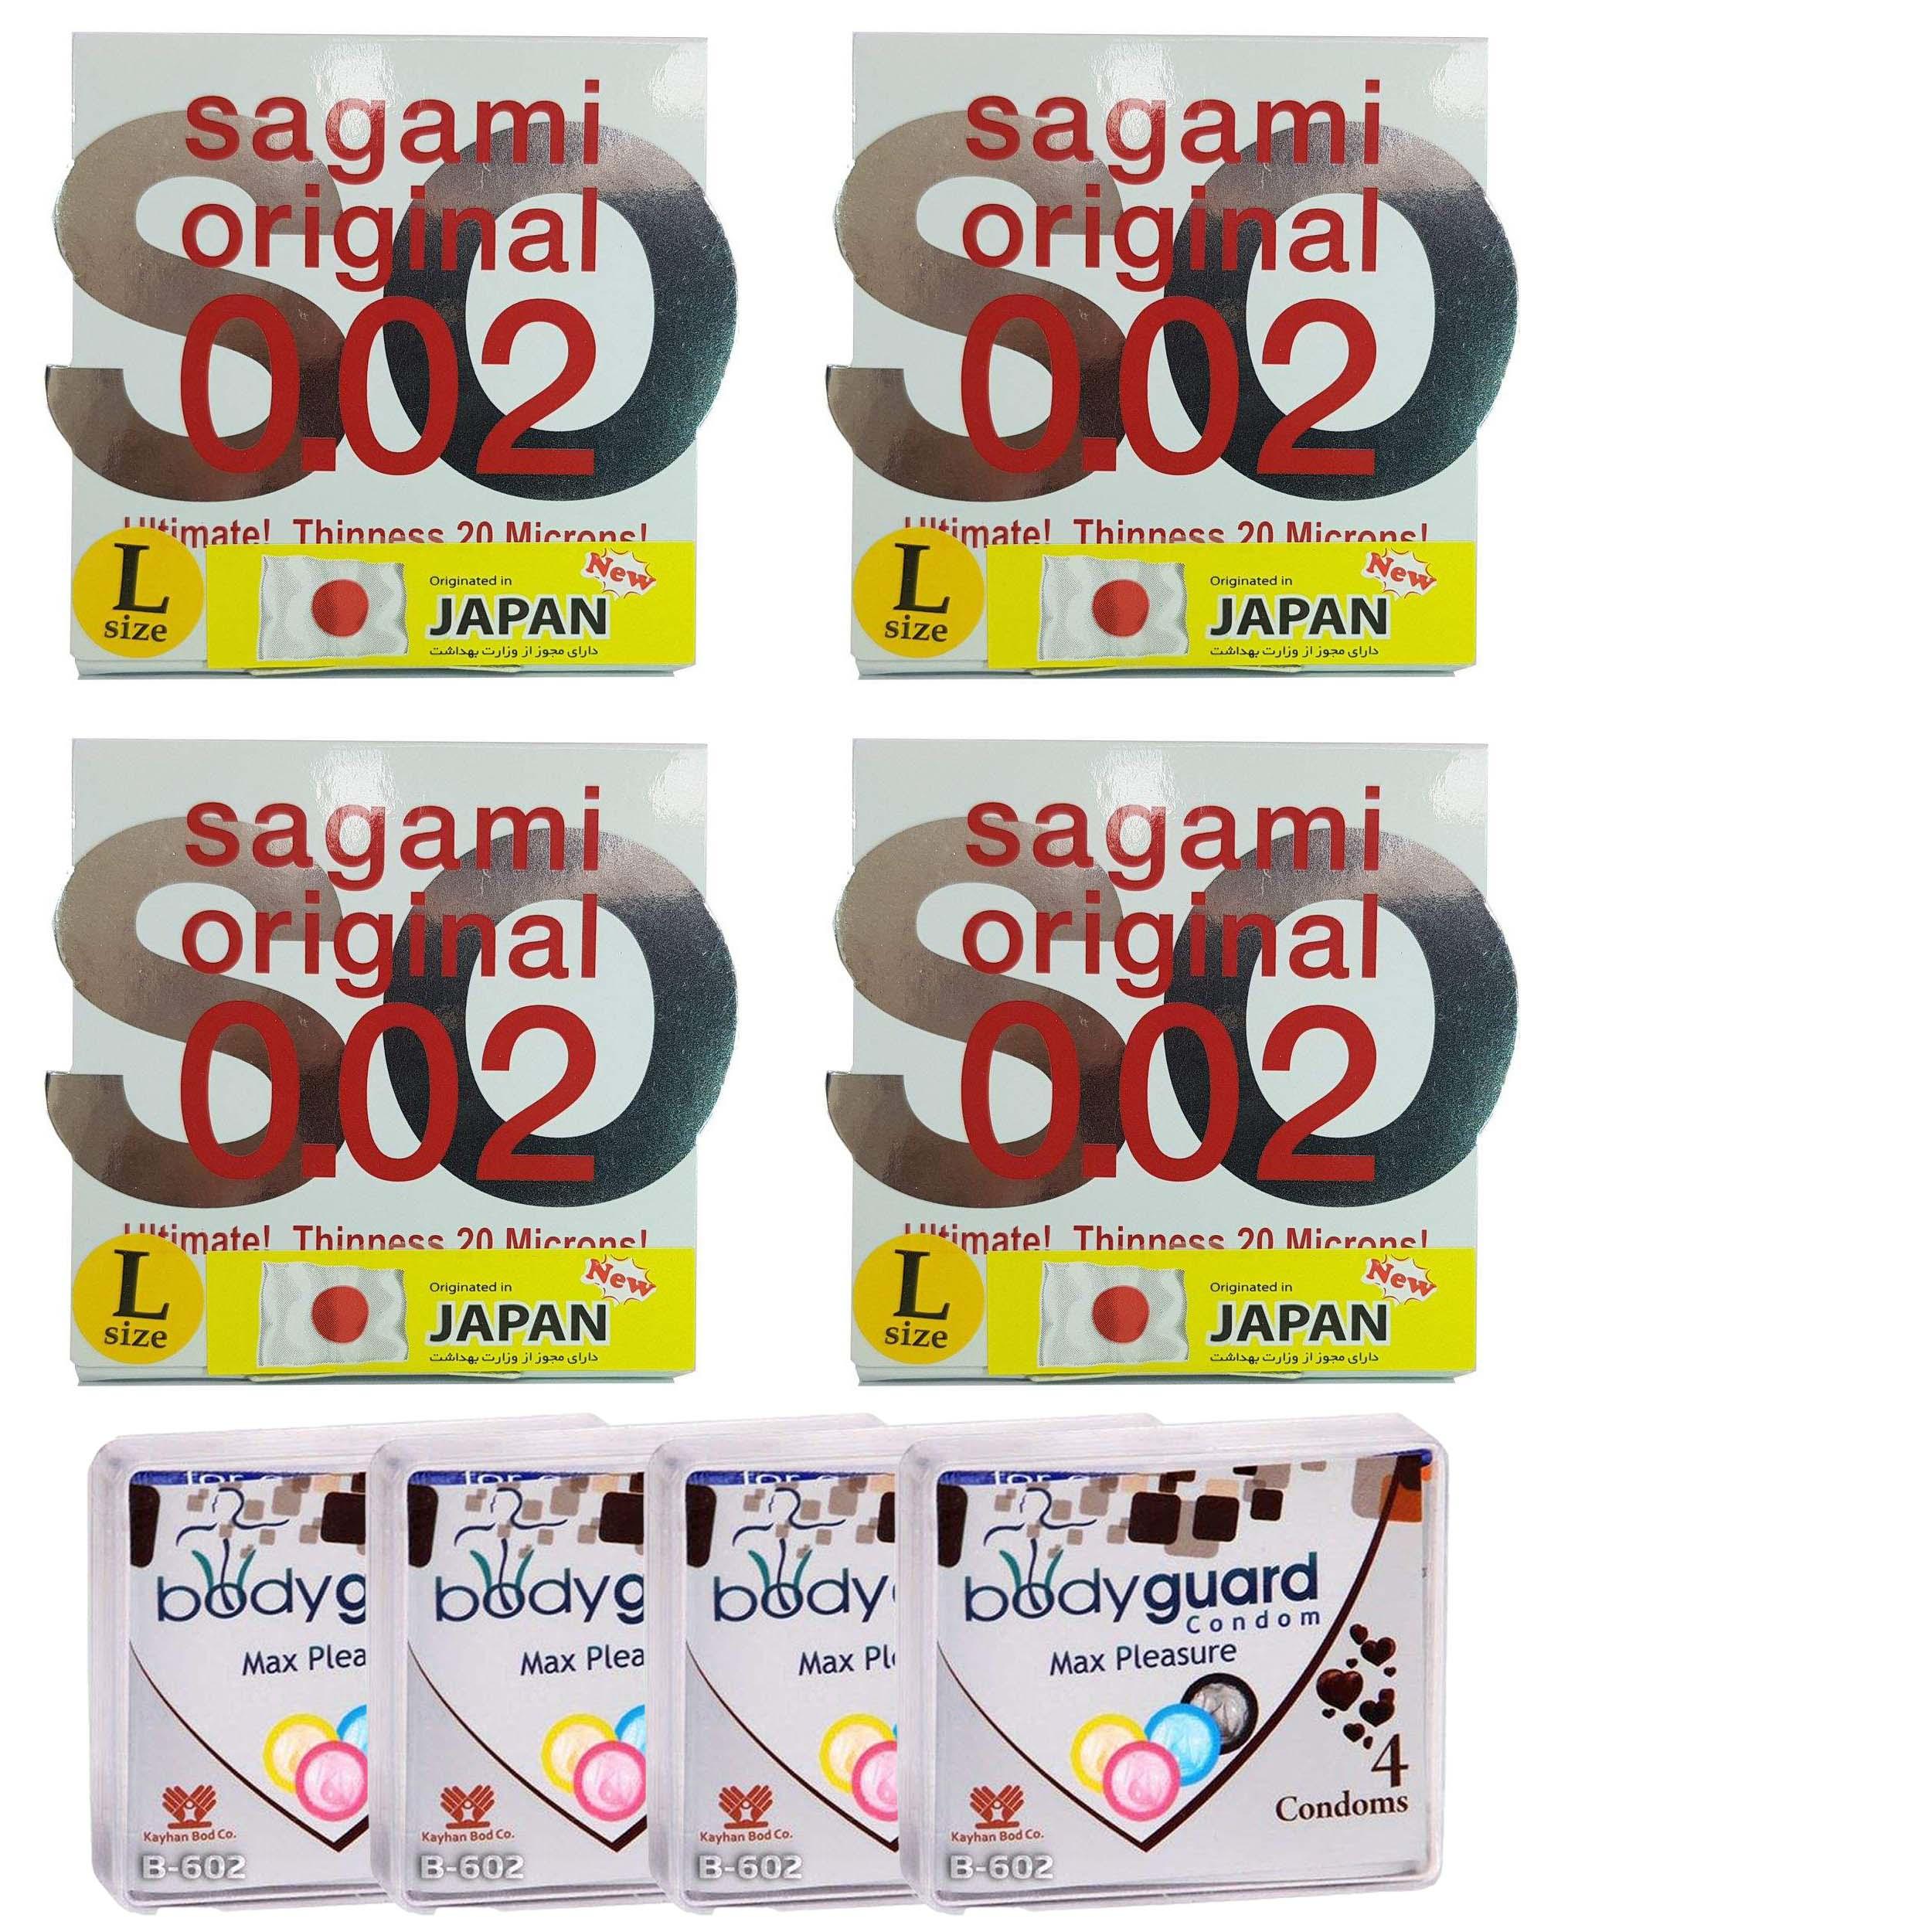 خرید                      کاندوم ساگامی مدل لارج مجموعه 4 عددی به همراه کاندوم بادی گارد مدل مکس پلژر مجموعه 4 عددی